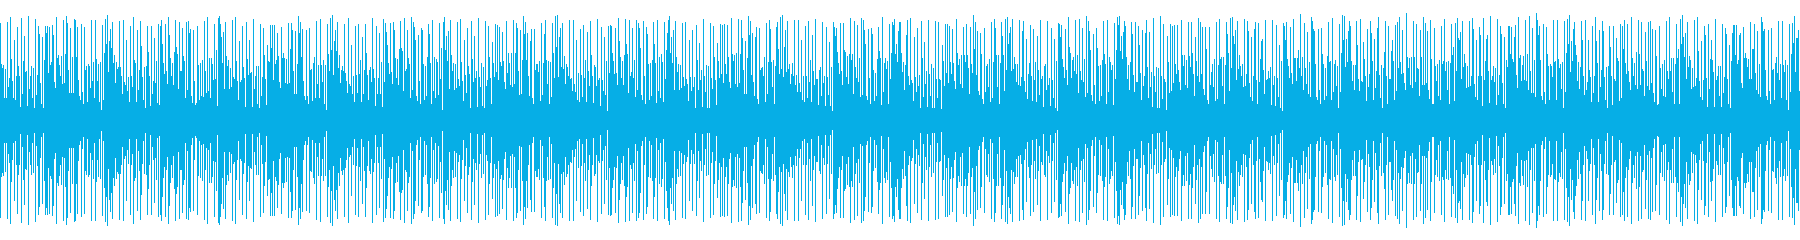 タイトルは複雑だが、構成はシンプル、チ…の再生済みの波形